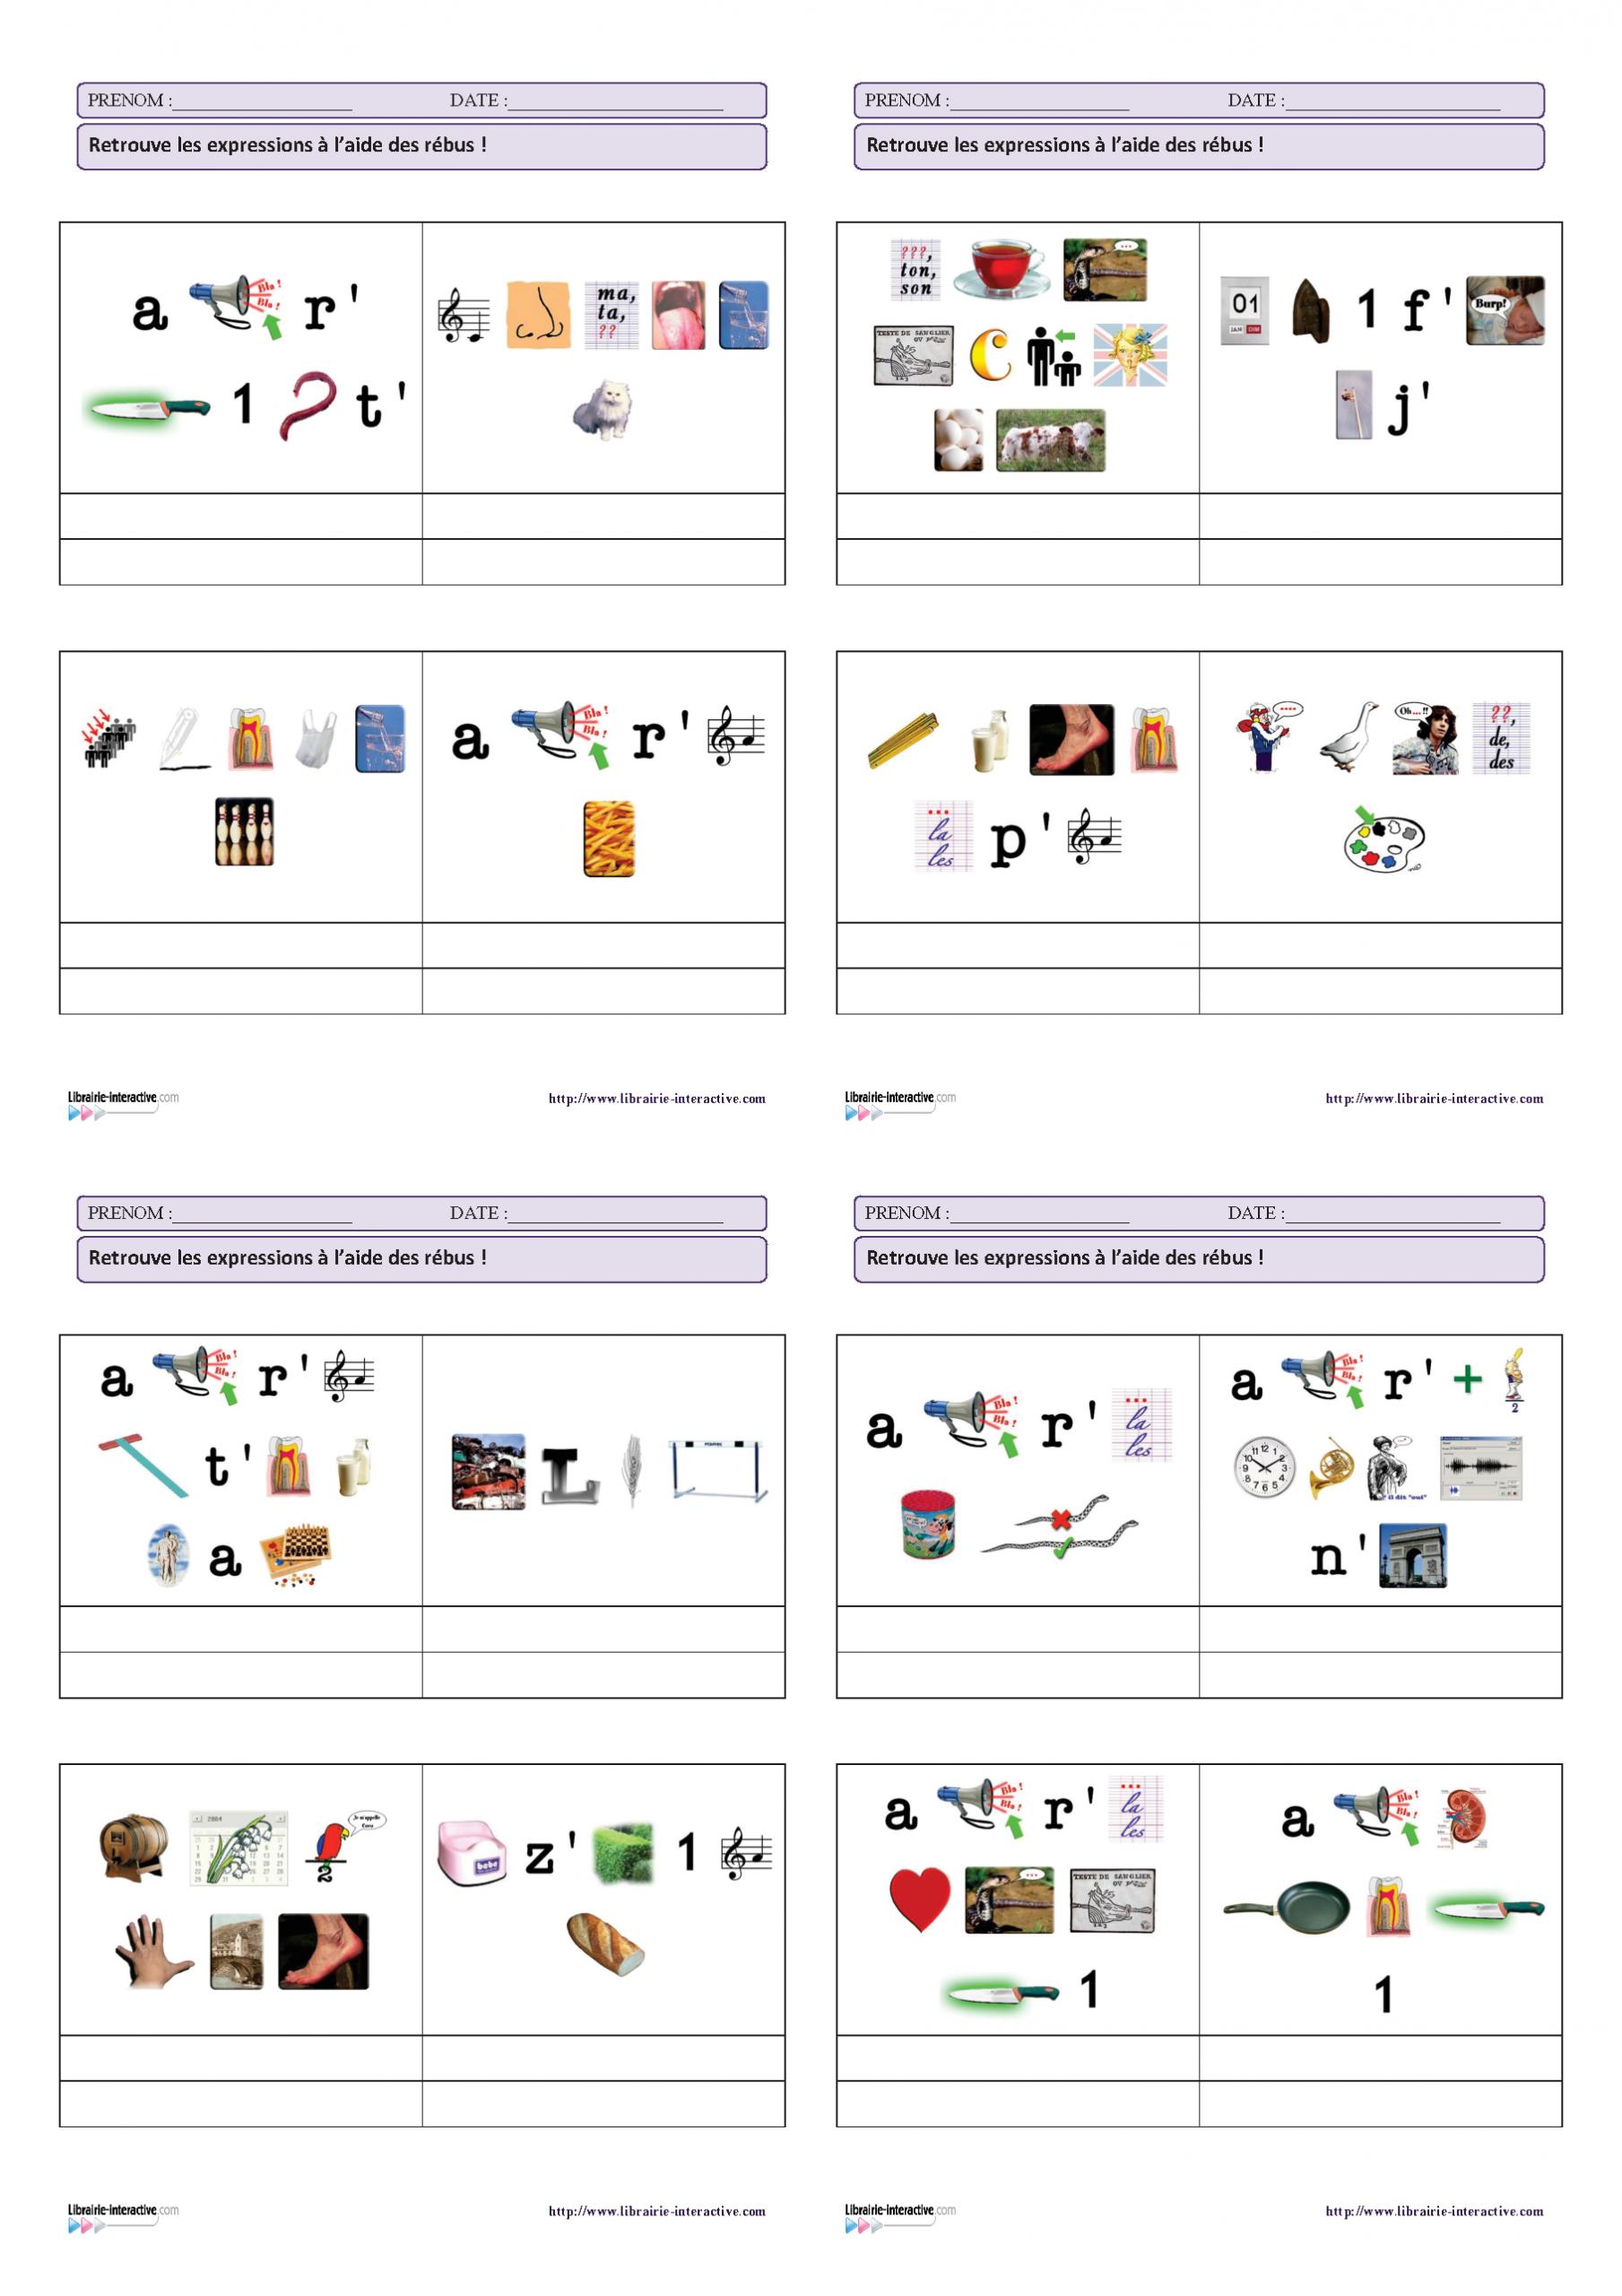 20 Expressions Françaises Très Connues À Découvrir À L'aide pour Fabriquer Un Rébus